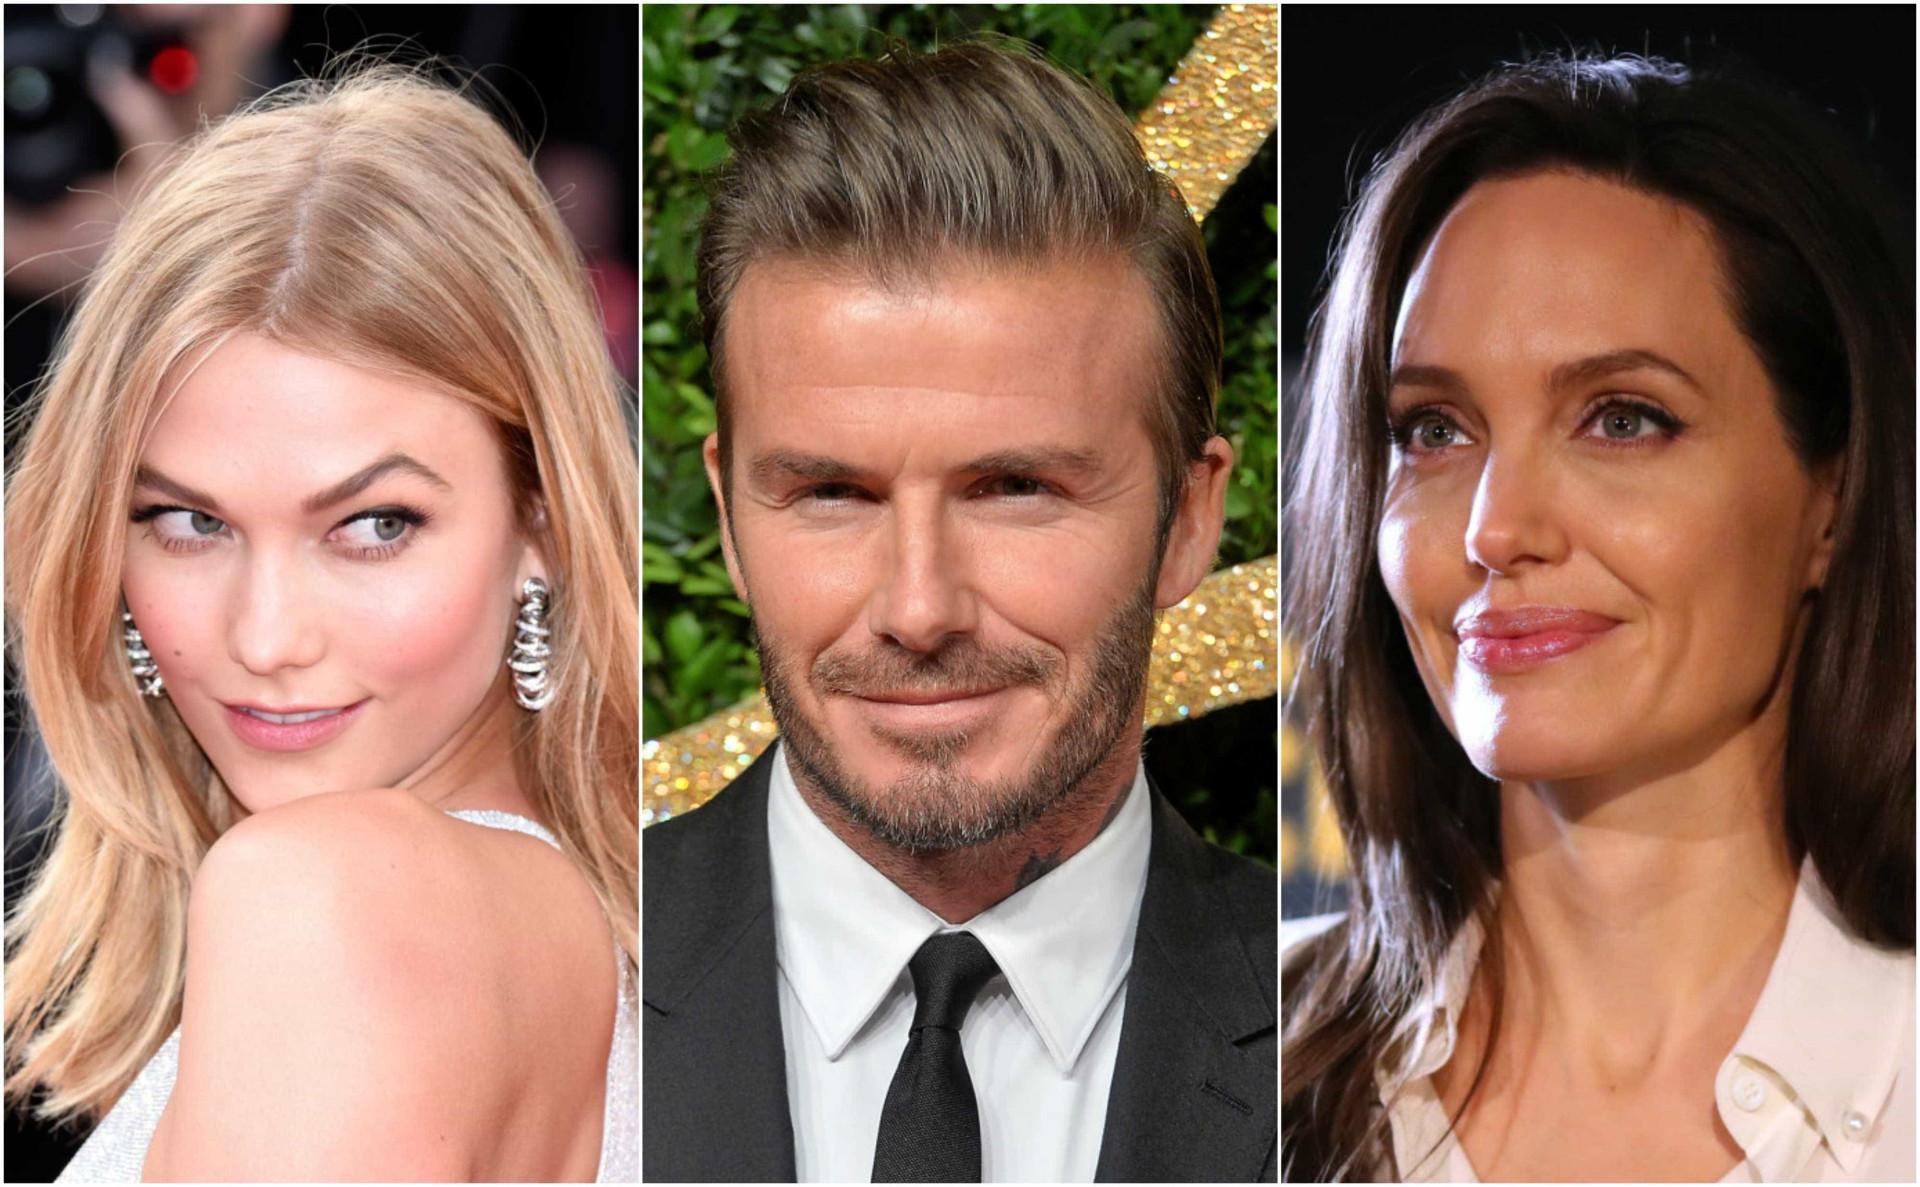 Inseguranças: Os maiores complexos das celebridades